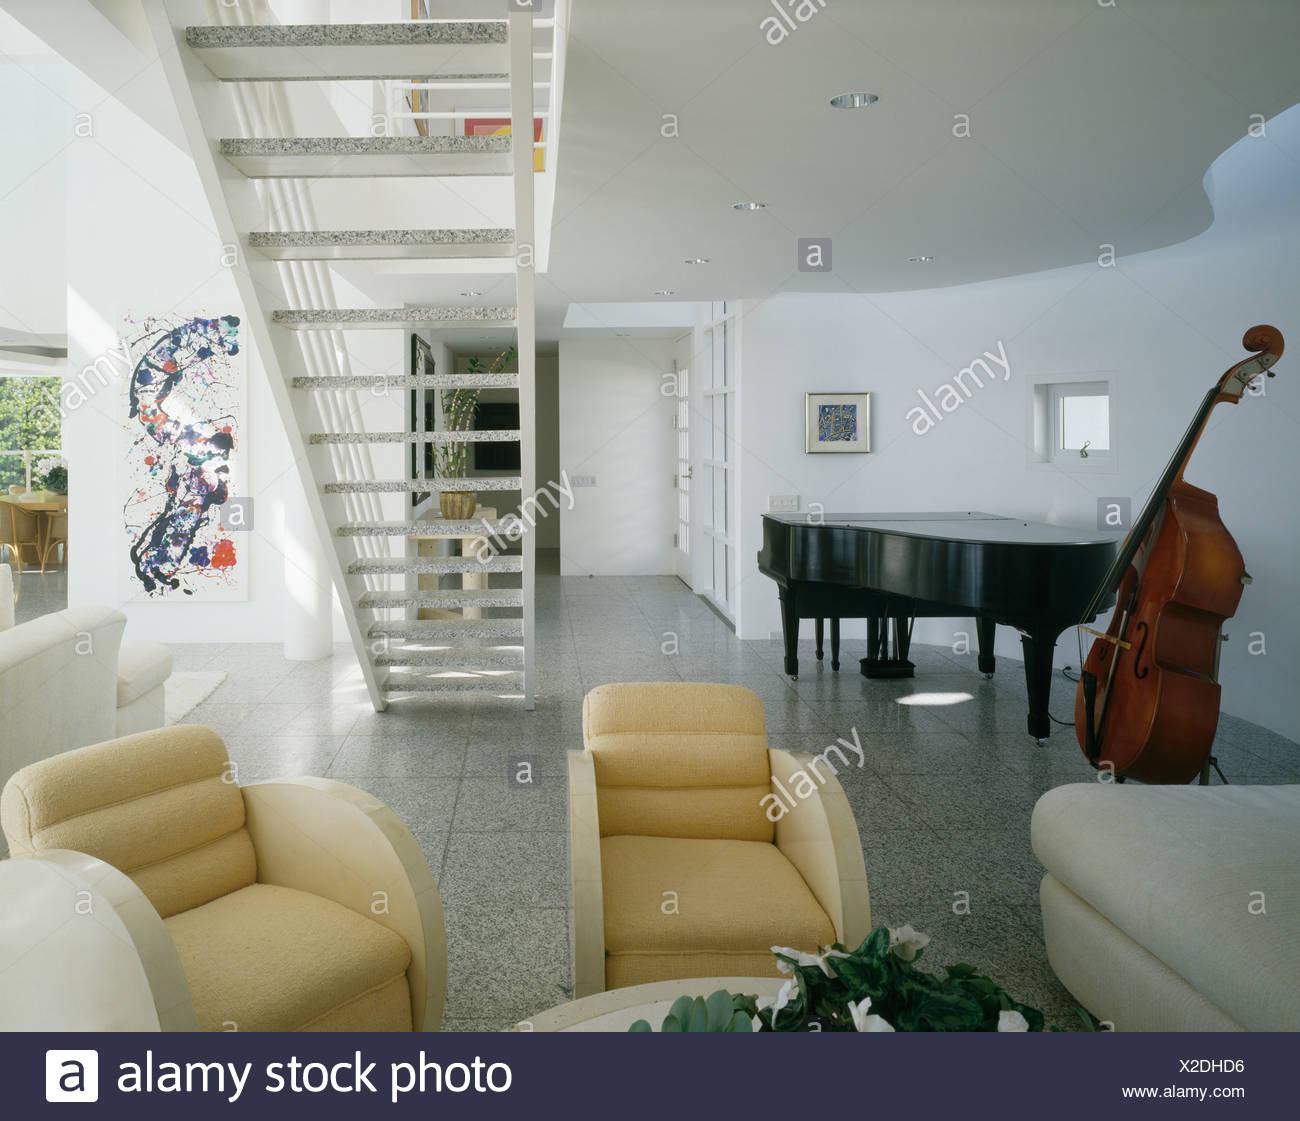 Deco Wohnzimmer Mit Treppe - linearsystem.co - Home Design Ideen und ...